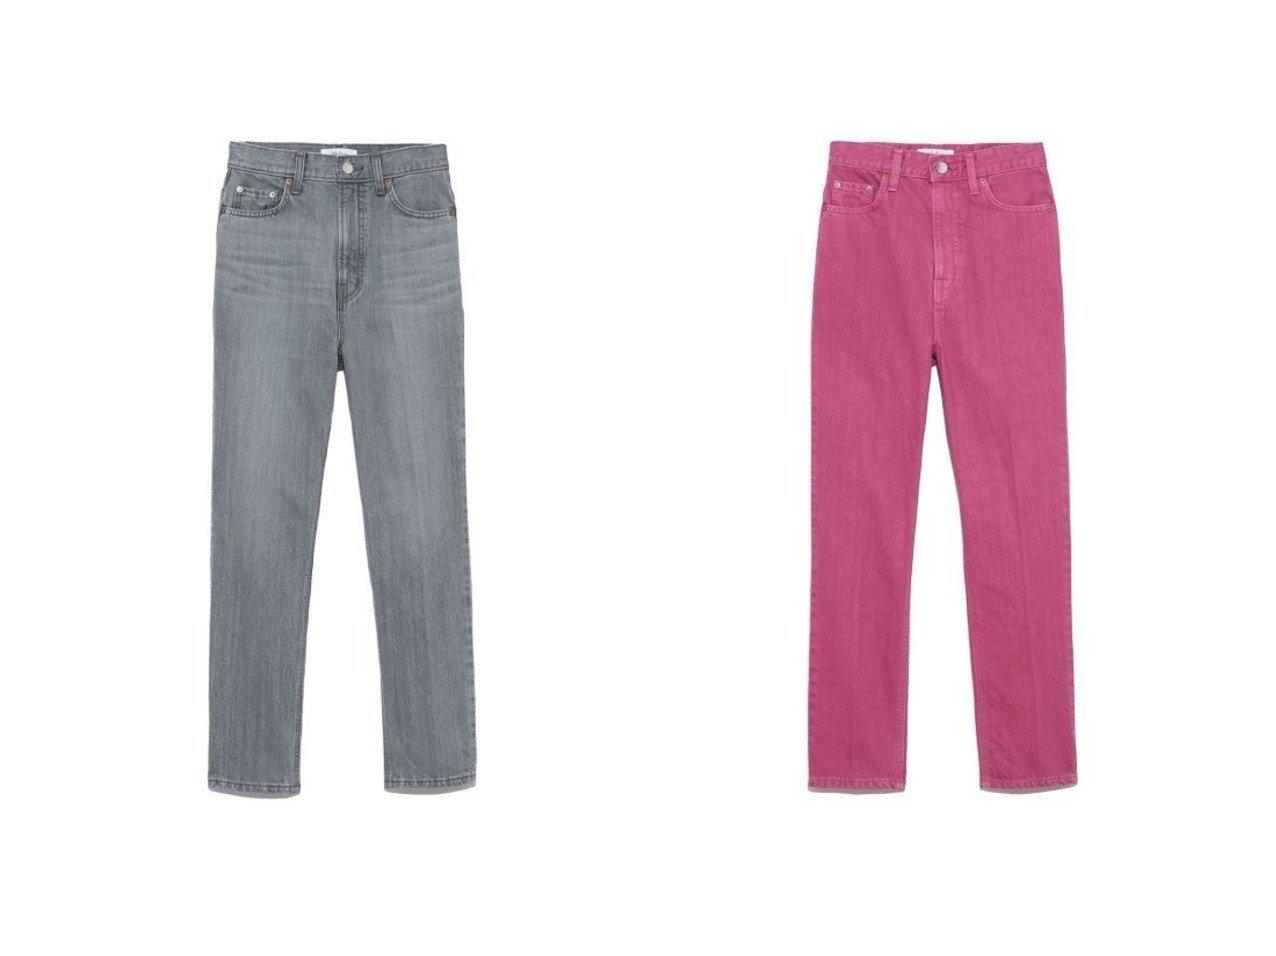 【Mila Owen/ミラオーウェン】の寸たらセンタープレスデニム パンツのおすすめ!人気、トレンド・レディースファッションの通販 おすすめで人気の流行・トレンド、ファッションの通販商品 メンズファッション・キッズファッション・インテリア・家具・レディースファッション・服の通販 founy(ファニー) https://founy.com/ ファッション Fashion レディースファッション WOMEN パンツ Pants デニムパンツ Denim Pants スマート センター テーパード デニム ベーシック おすすめ Recommend |ID:crp329100000024704